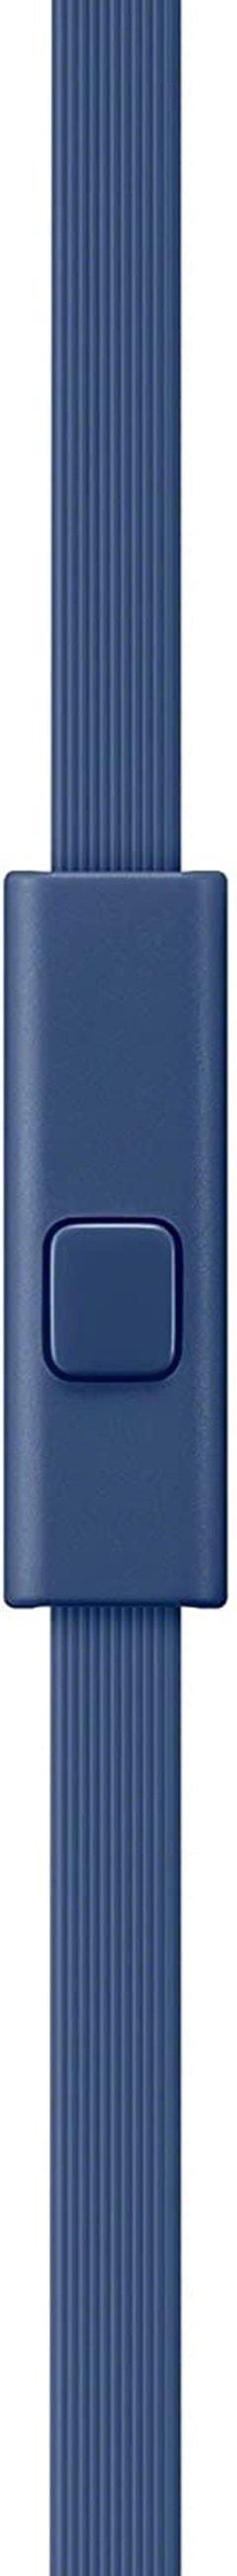 Sony XB550AP Blue Extra Bass Headphones - 9